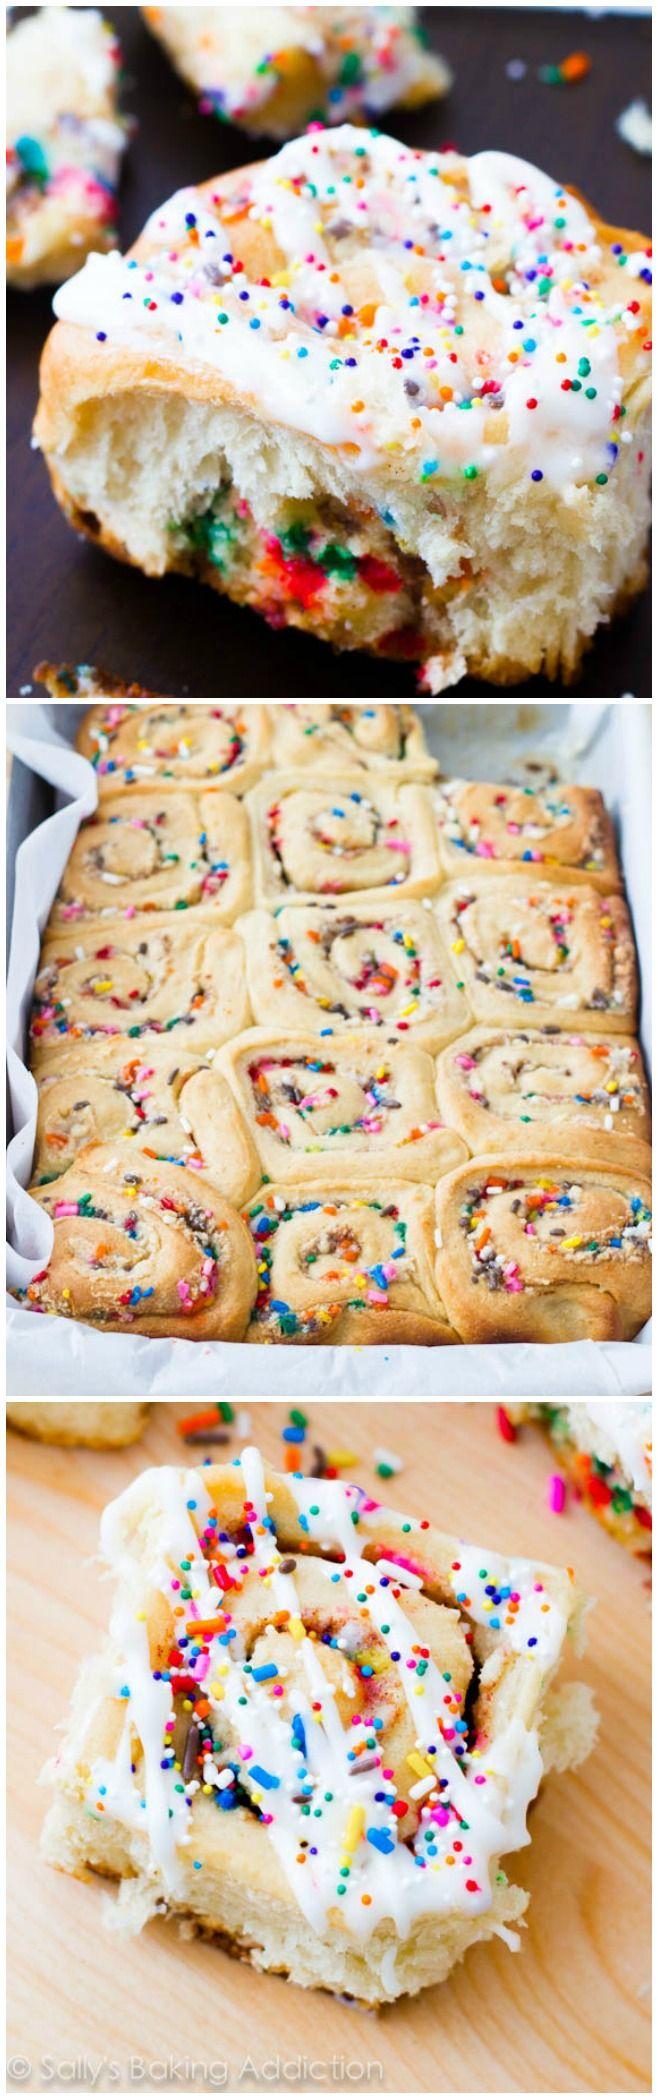 Cake Batter Cinnamon Rolls for birthday mornings